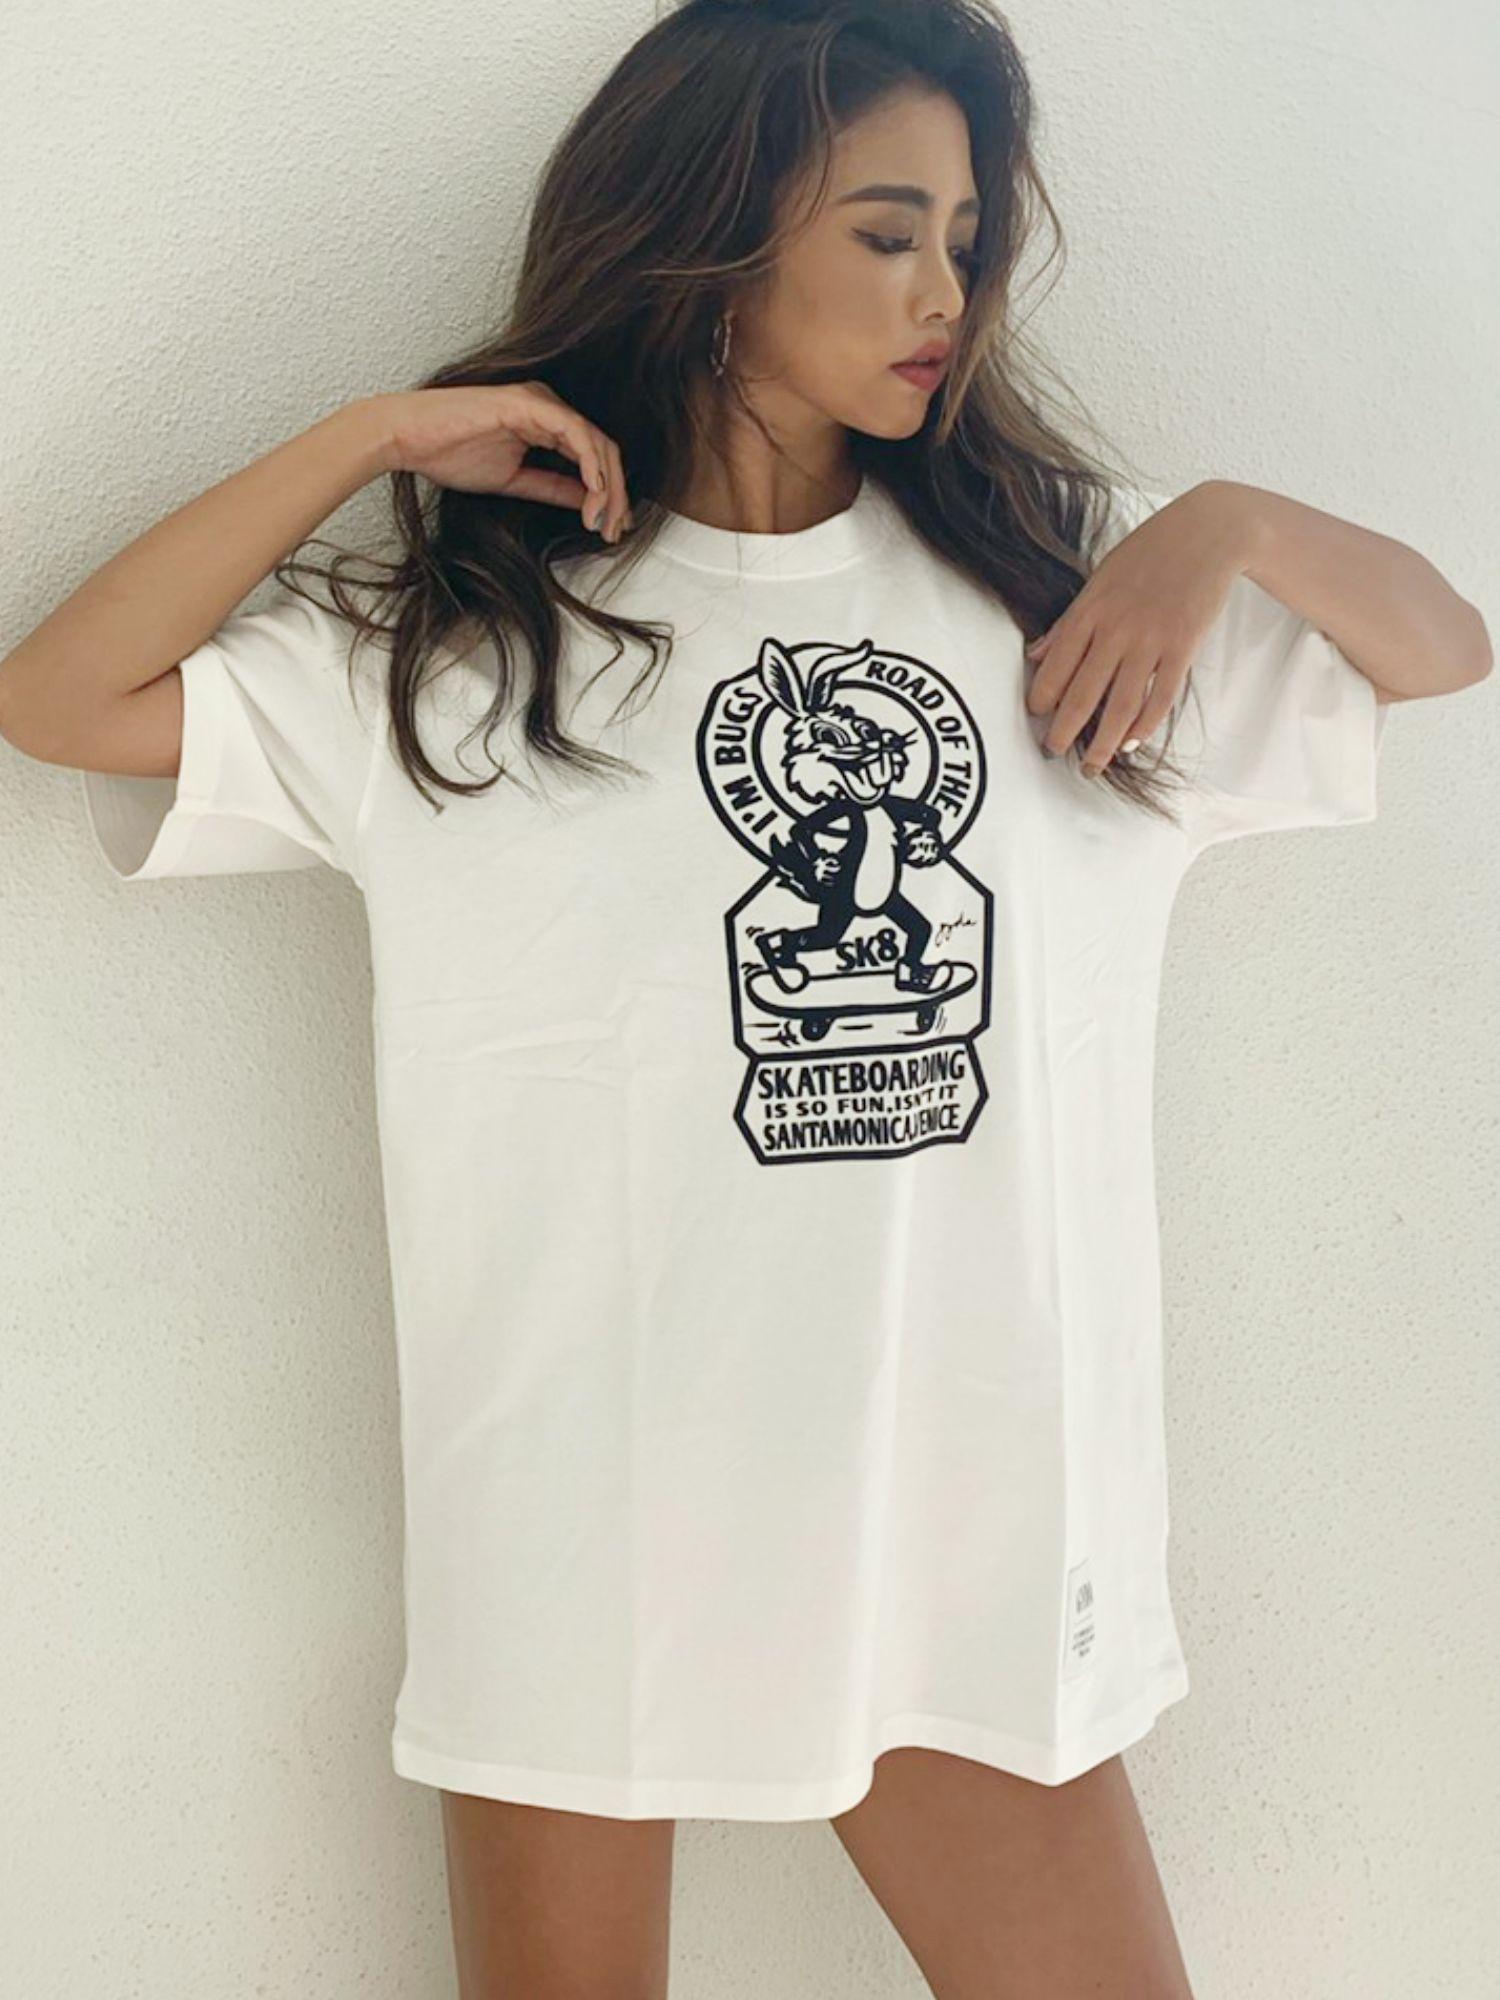 【WEB限定】SK8BUNNY BIG Tシャツ